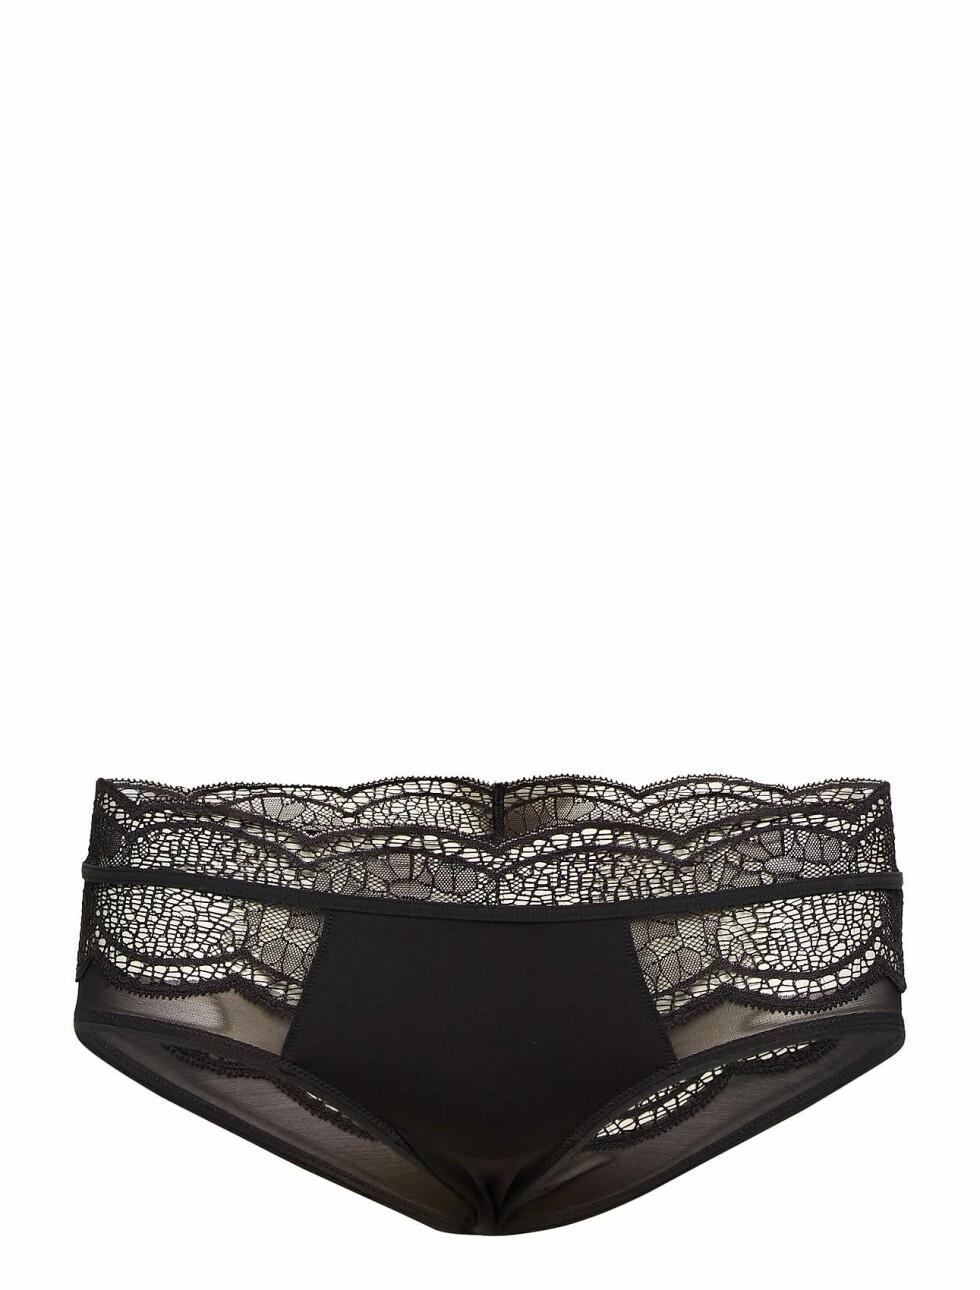 Truse fra Calvin Klein |450,-| https://www.boozt.com/no/no/calvin-klein-underwear/hipster-001-xs_17545703/17545704?navId=67362&group=listing&position=1500000